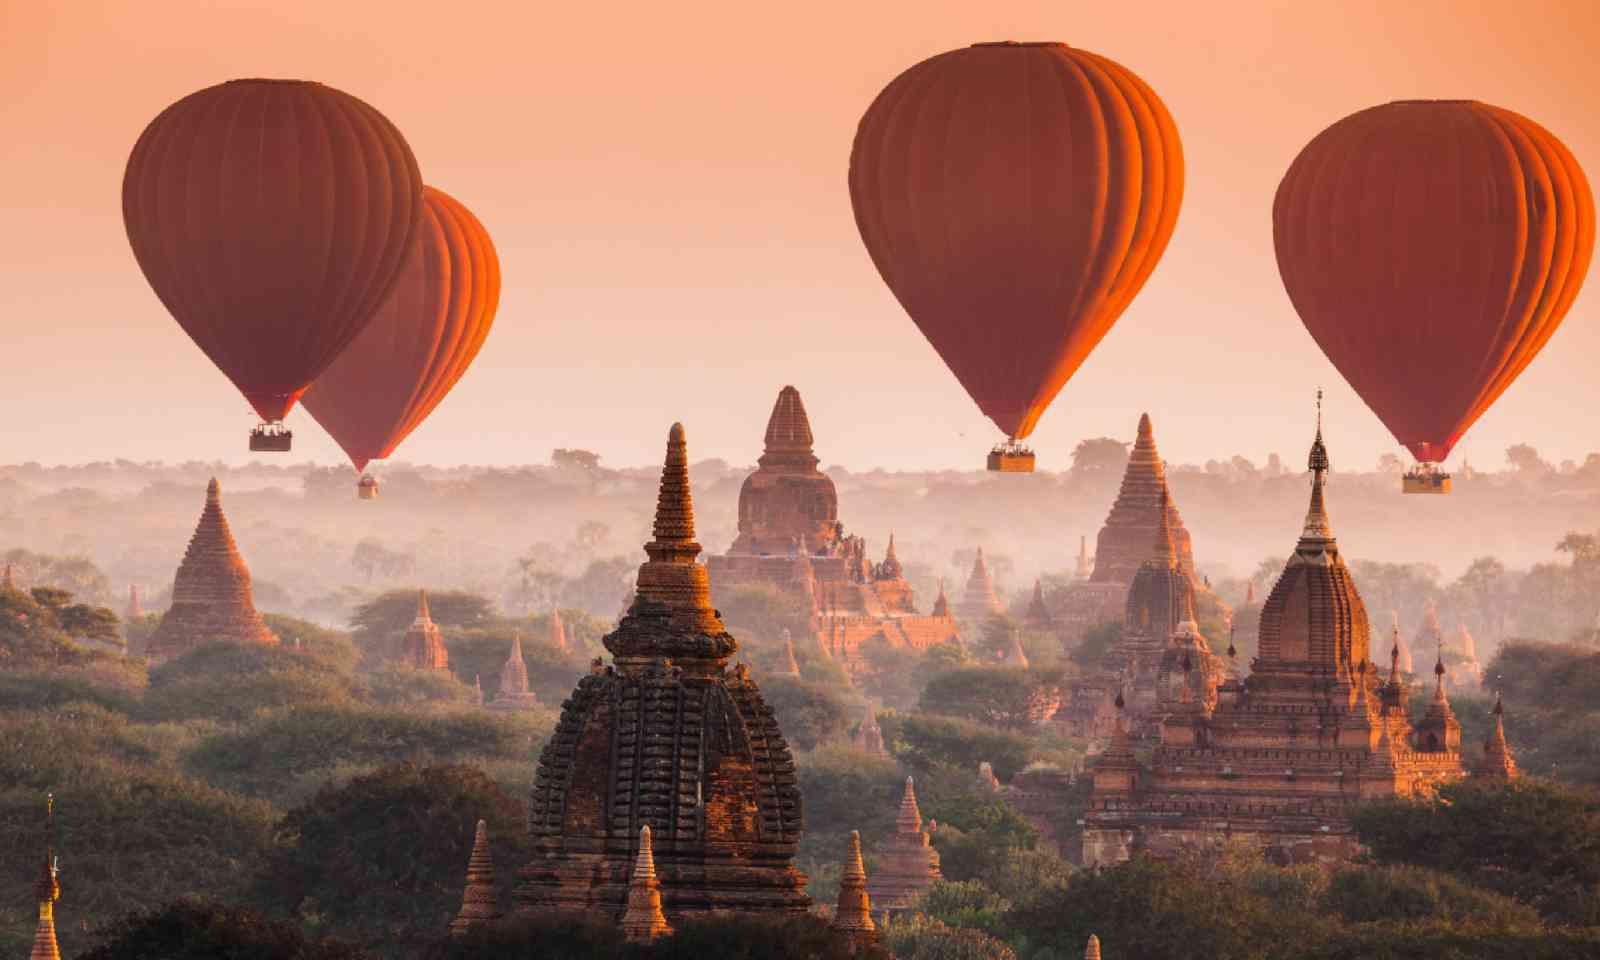 Hot air balloon over plain of Bagan (Shutterstock)